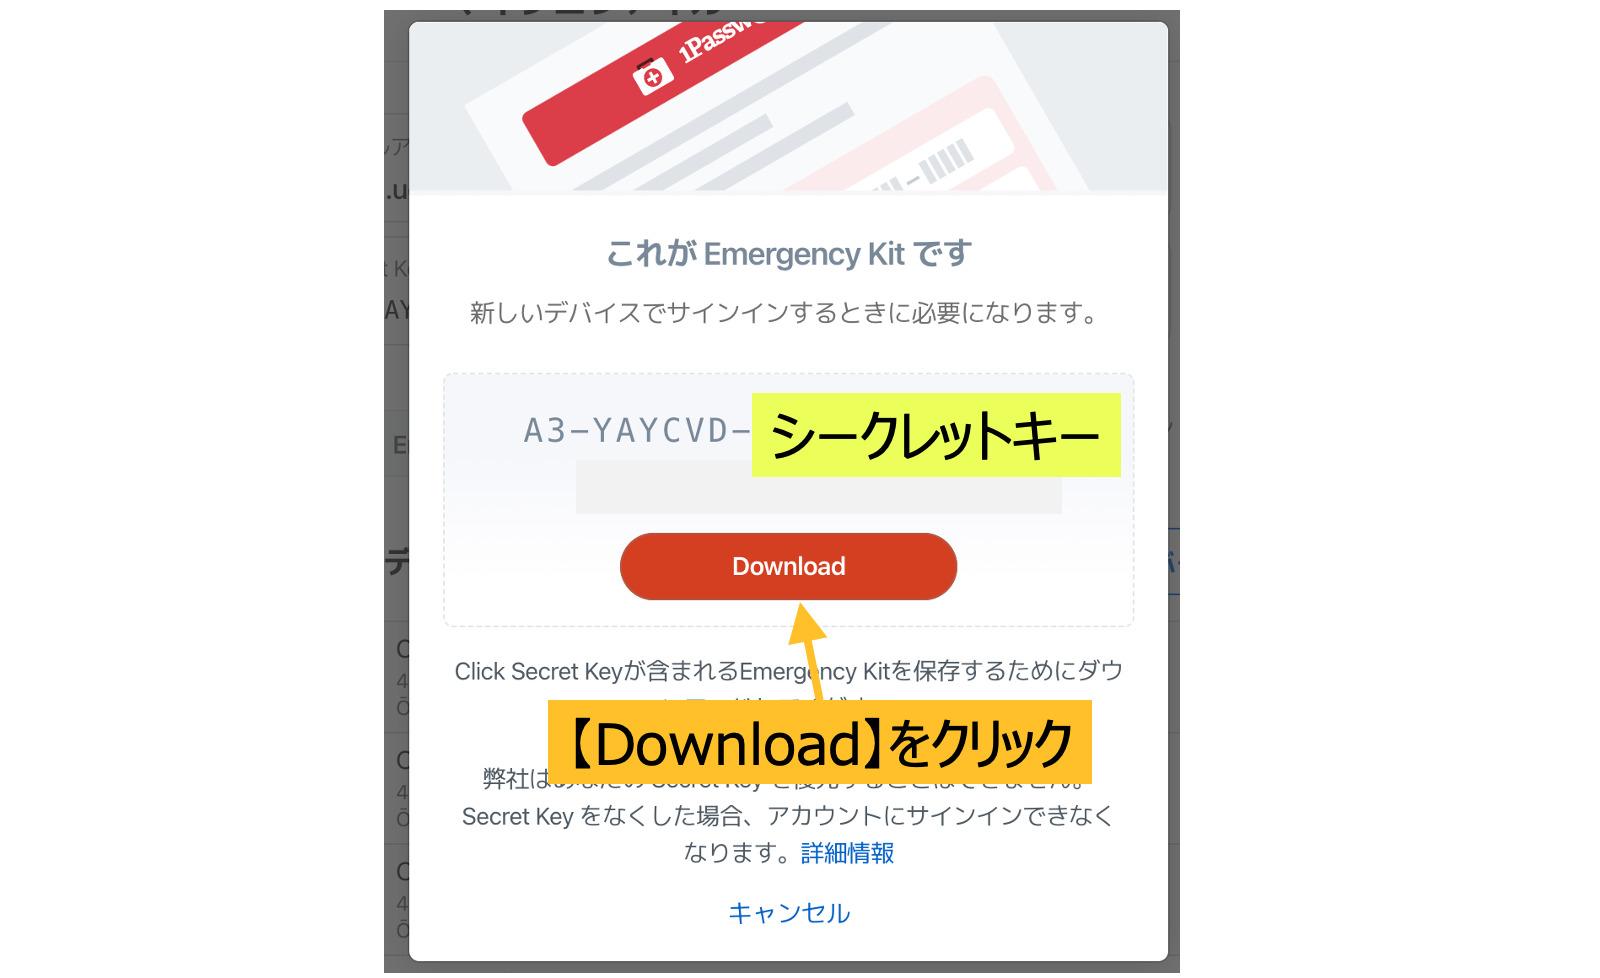 マイプロファイル画面3